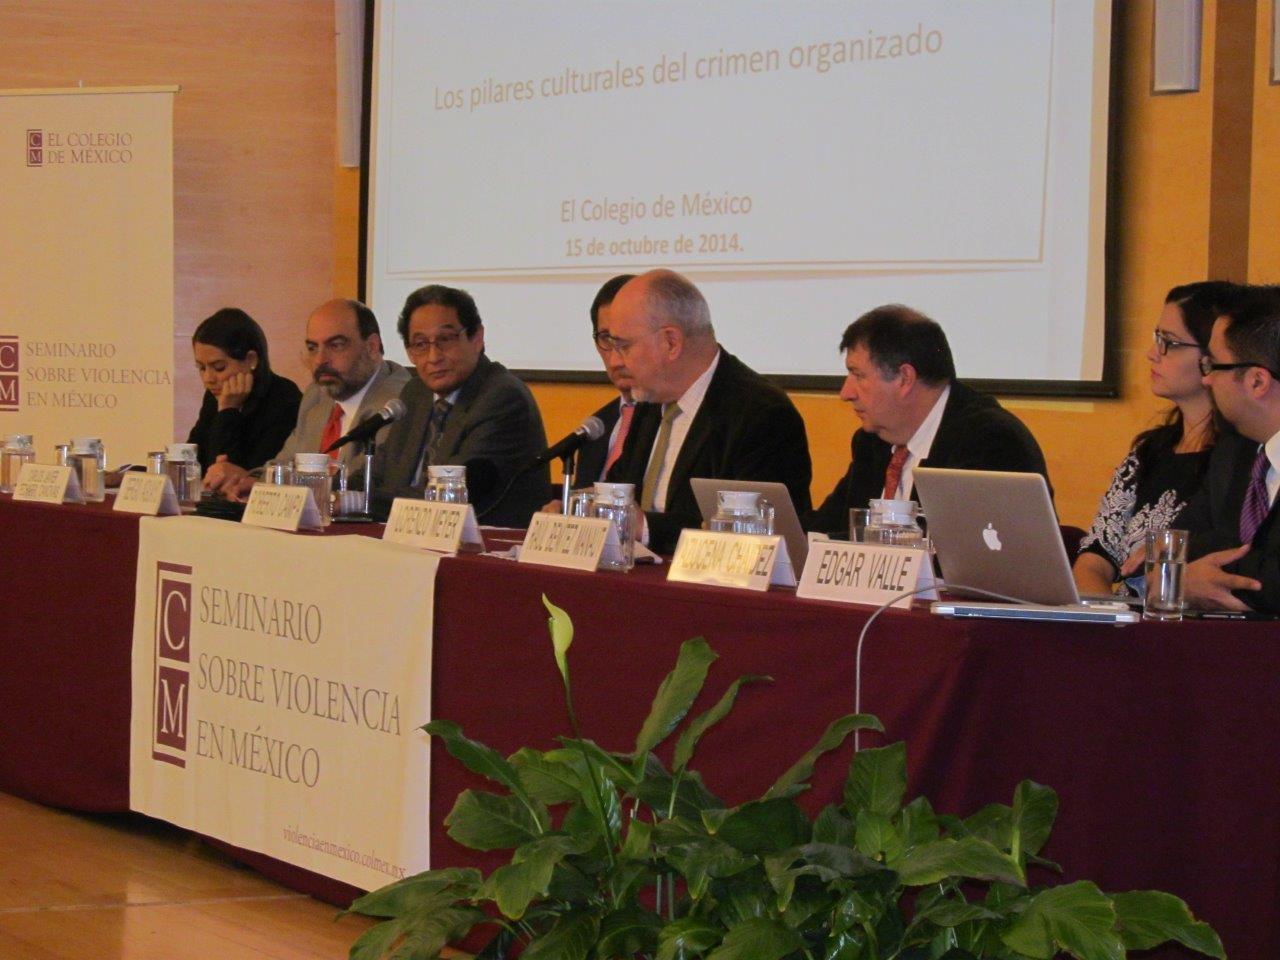 Presentación de resultados en el Seminario sobre Violencia en México